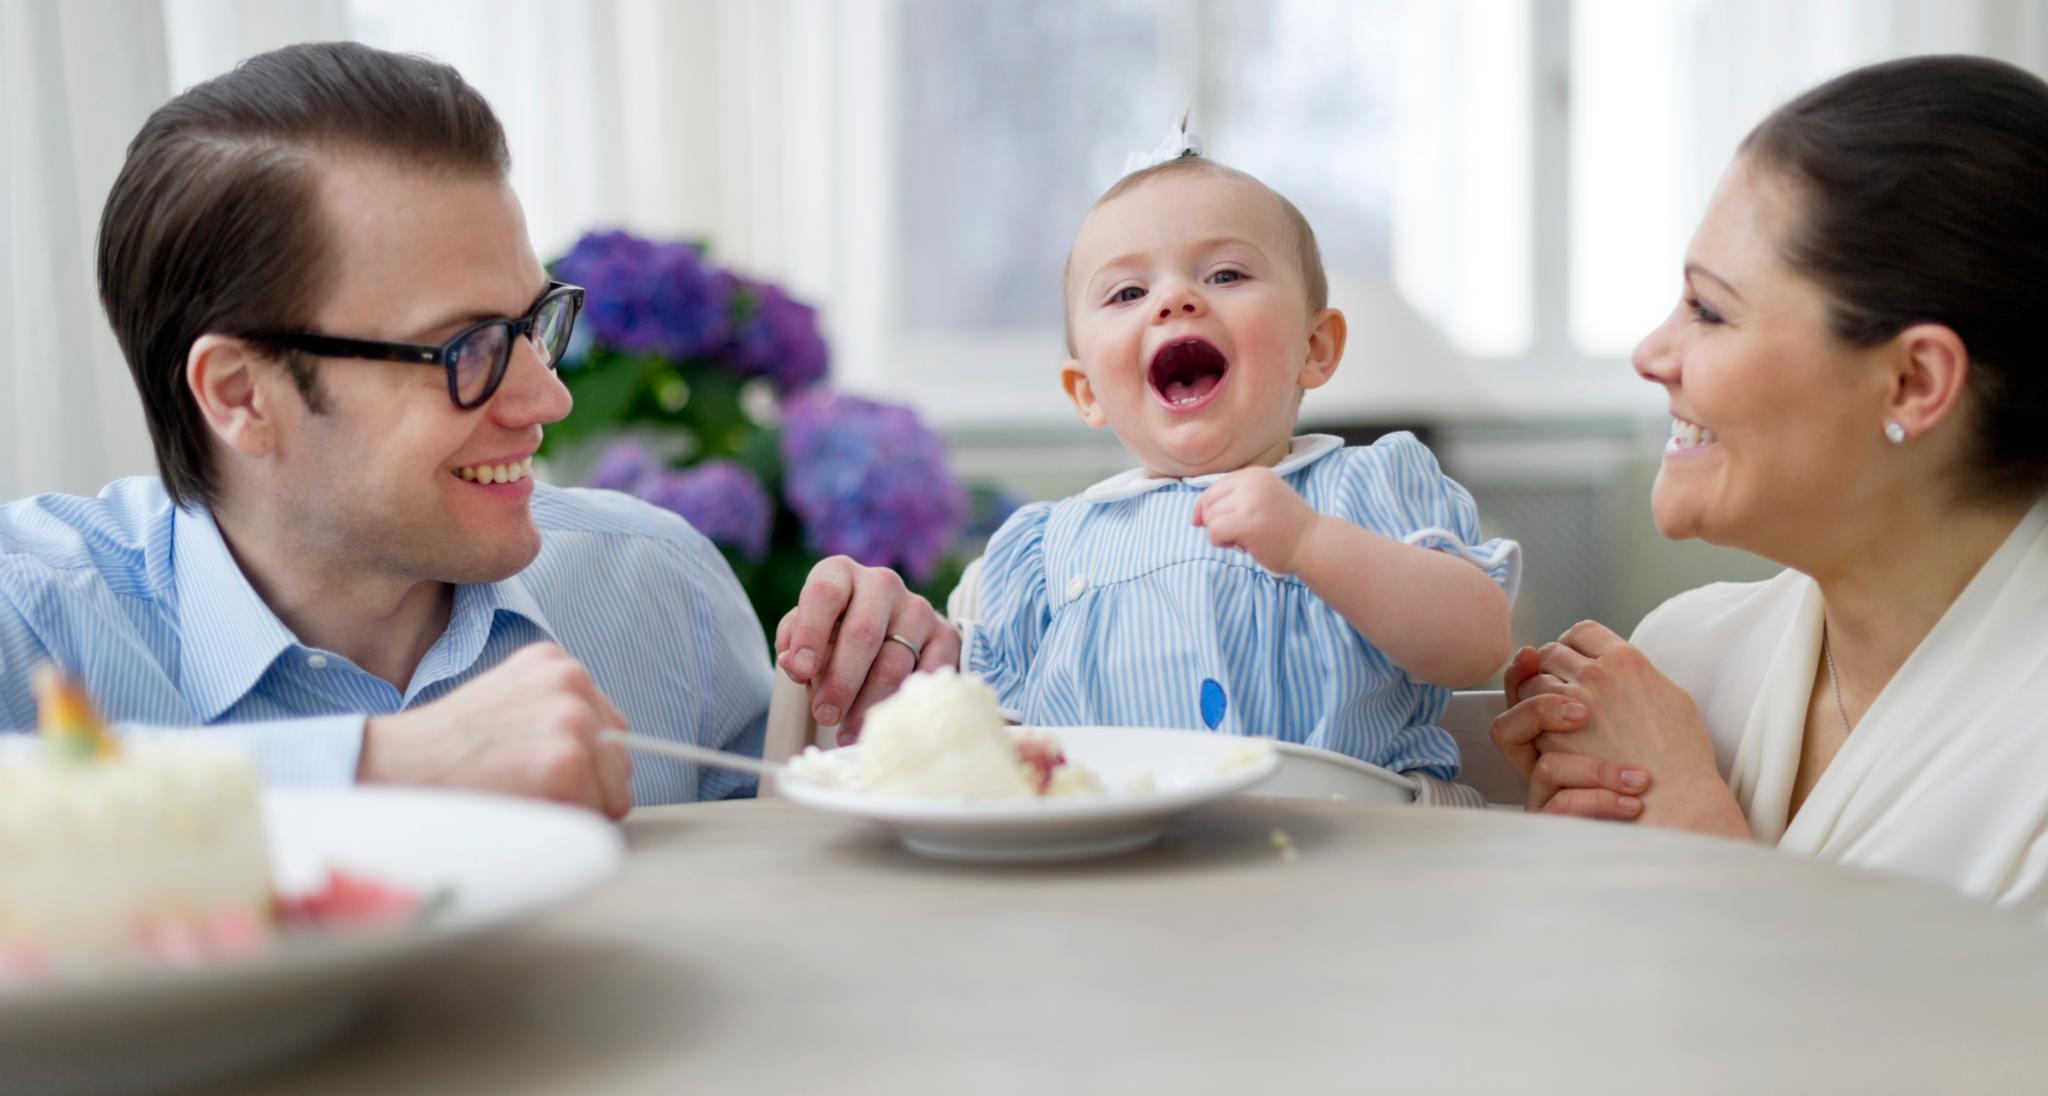 Prinz Daniel und Prinzessin Victoria freuen sich mit ihrer süßen kleinen Tochter über den Kuchen.